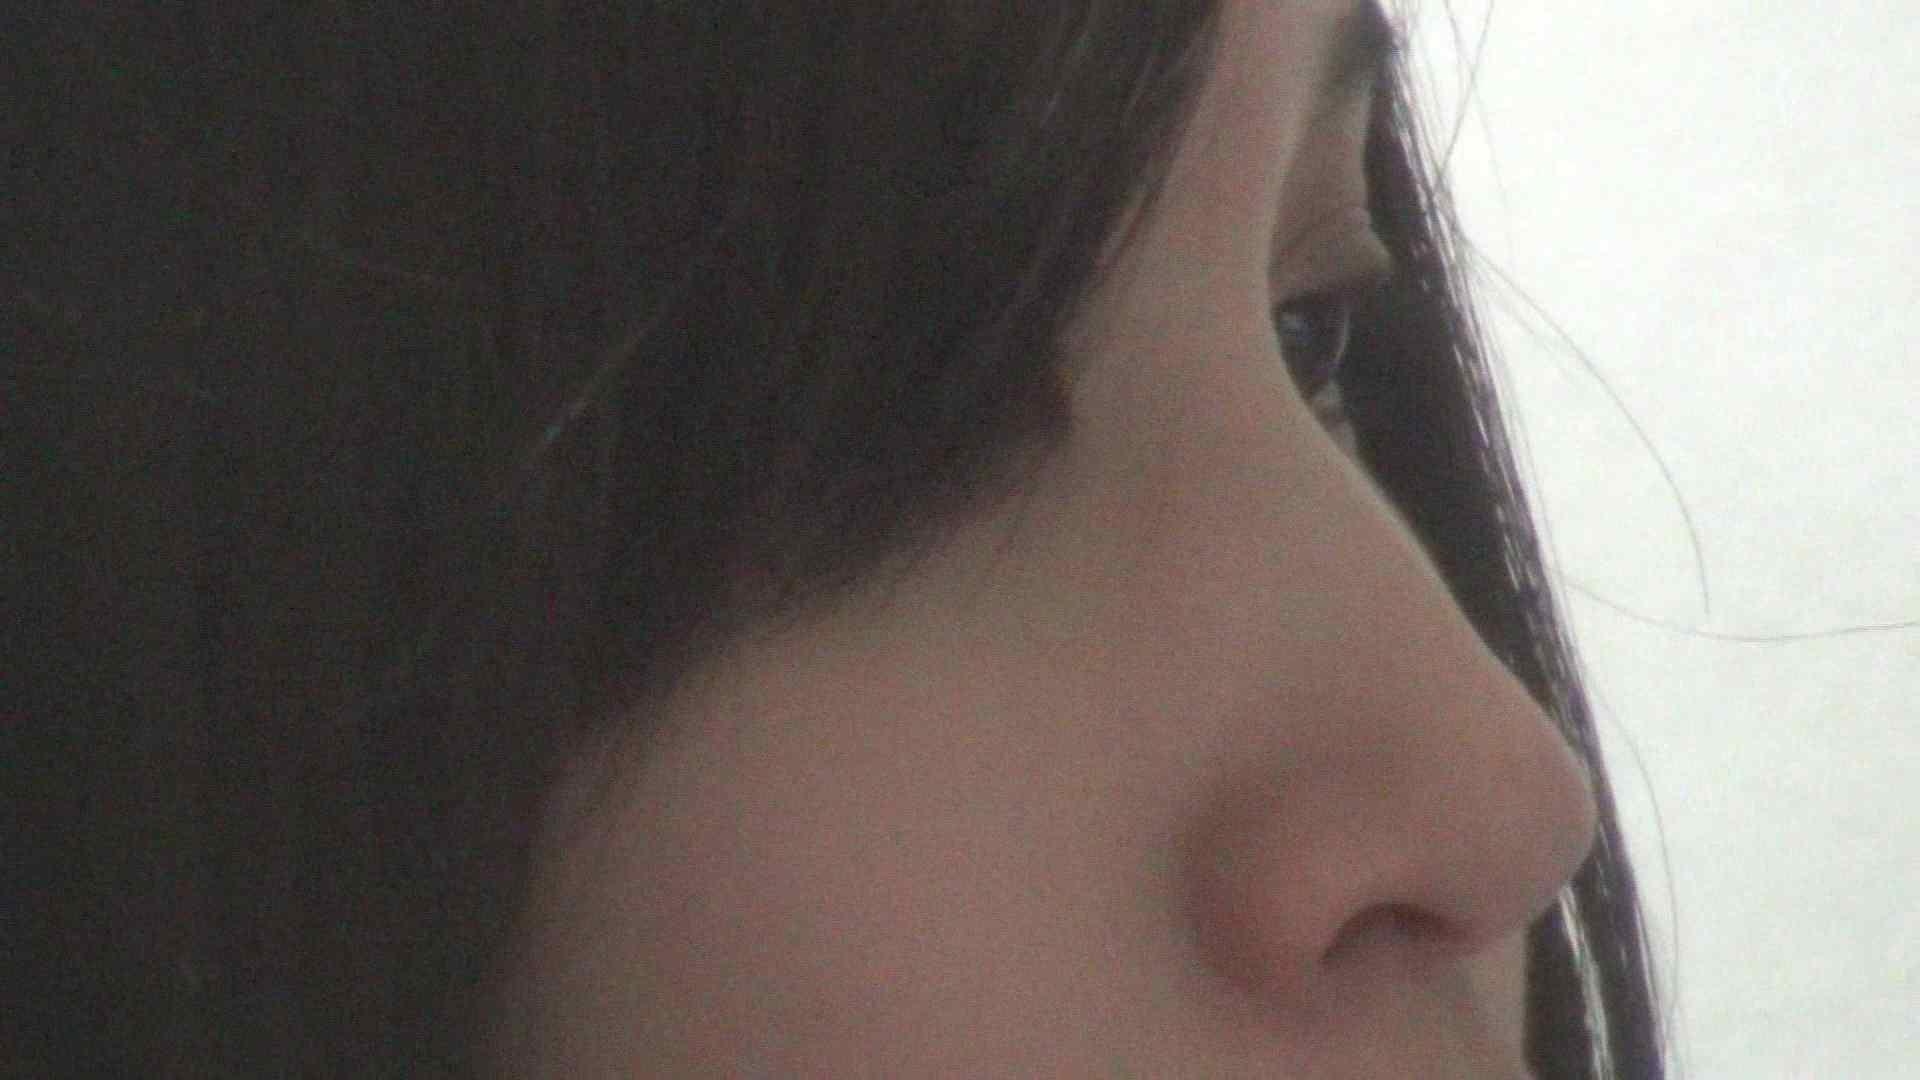 【05】仕事が忙しくて・・・久しぶりにベランダで待ち伏せ 覗き AV無料動画キャプチャ 85pic 74